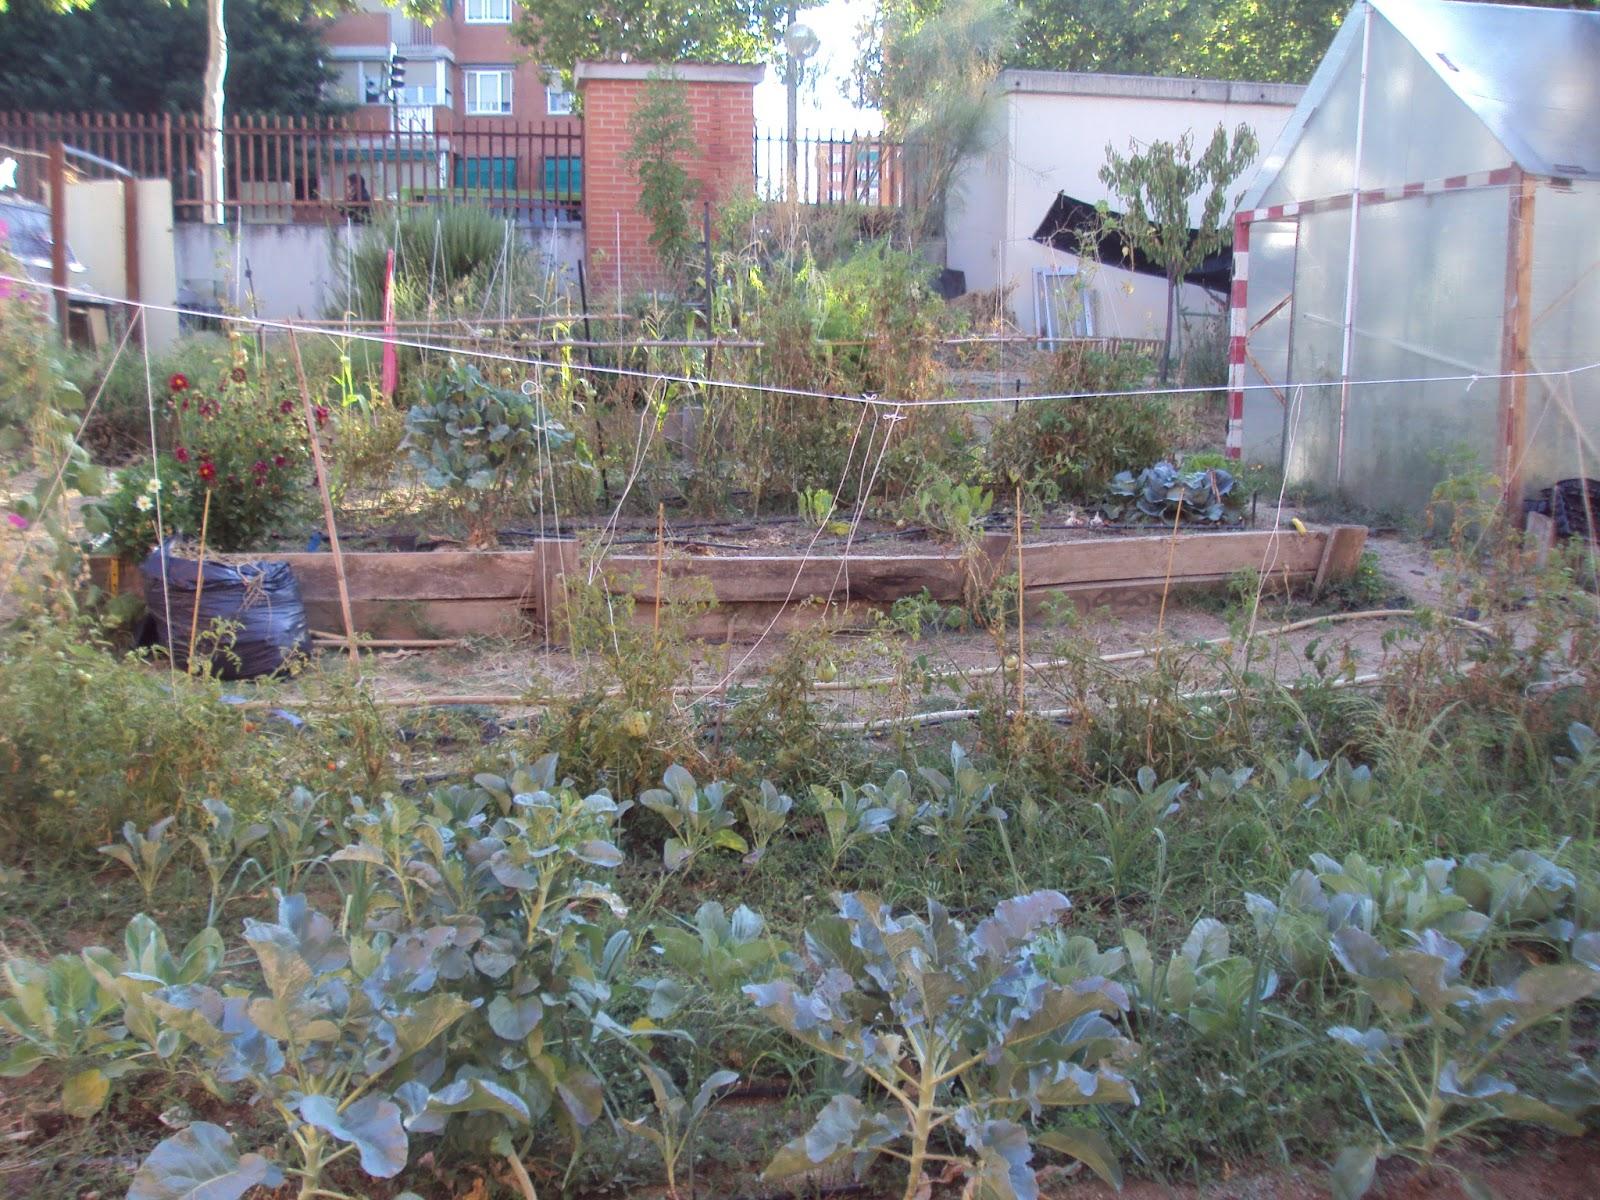 en torno al huerto el huerto escolar como recurso educativo